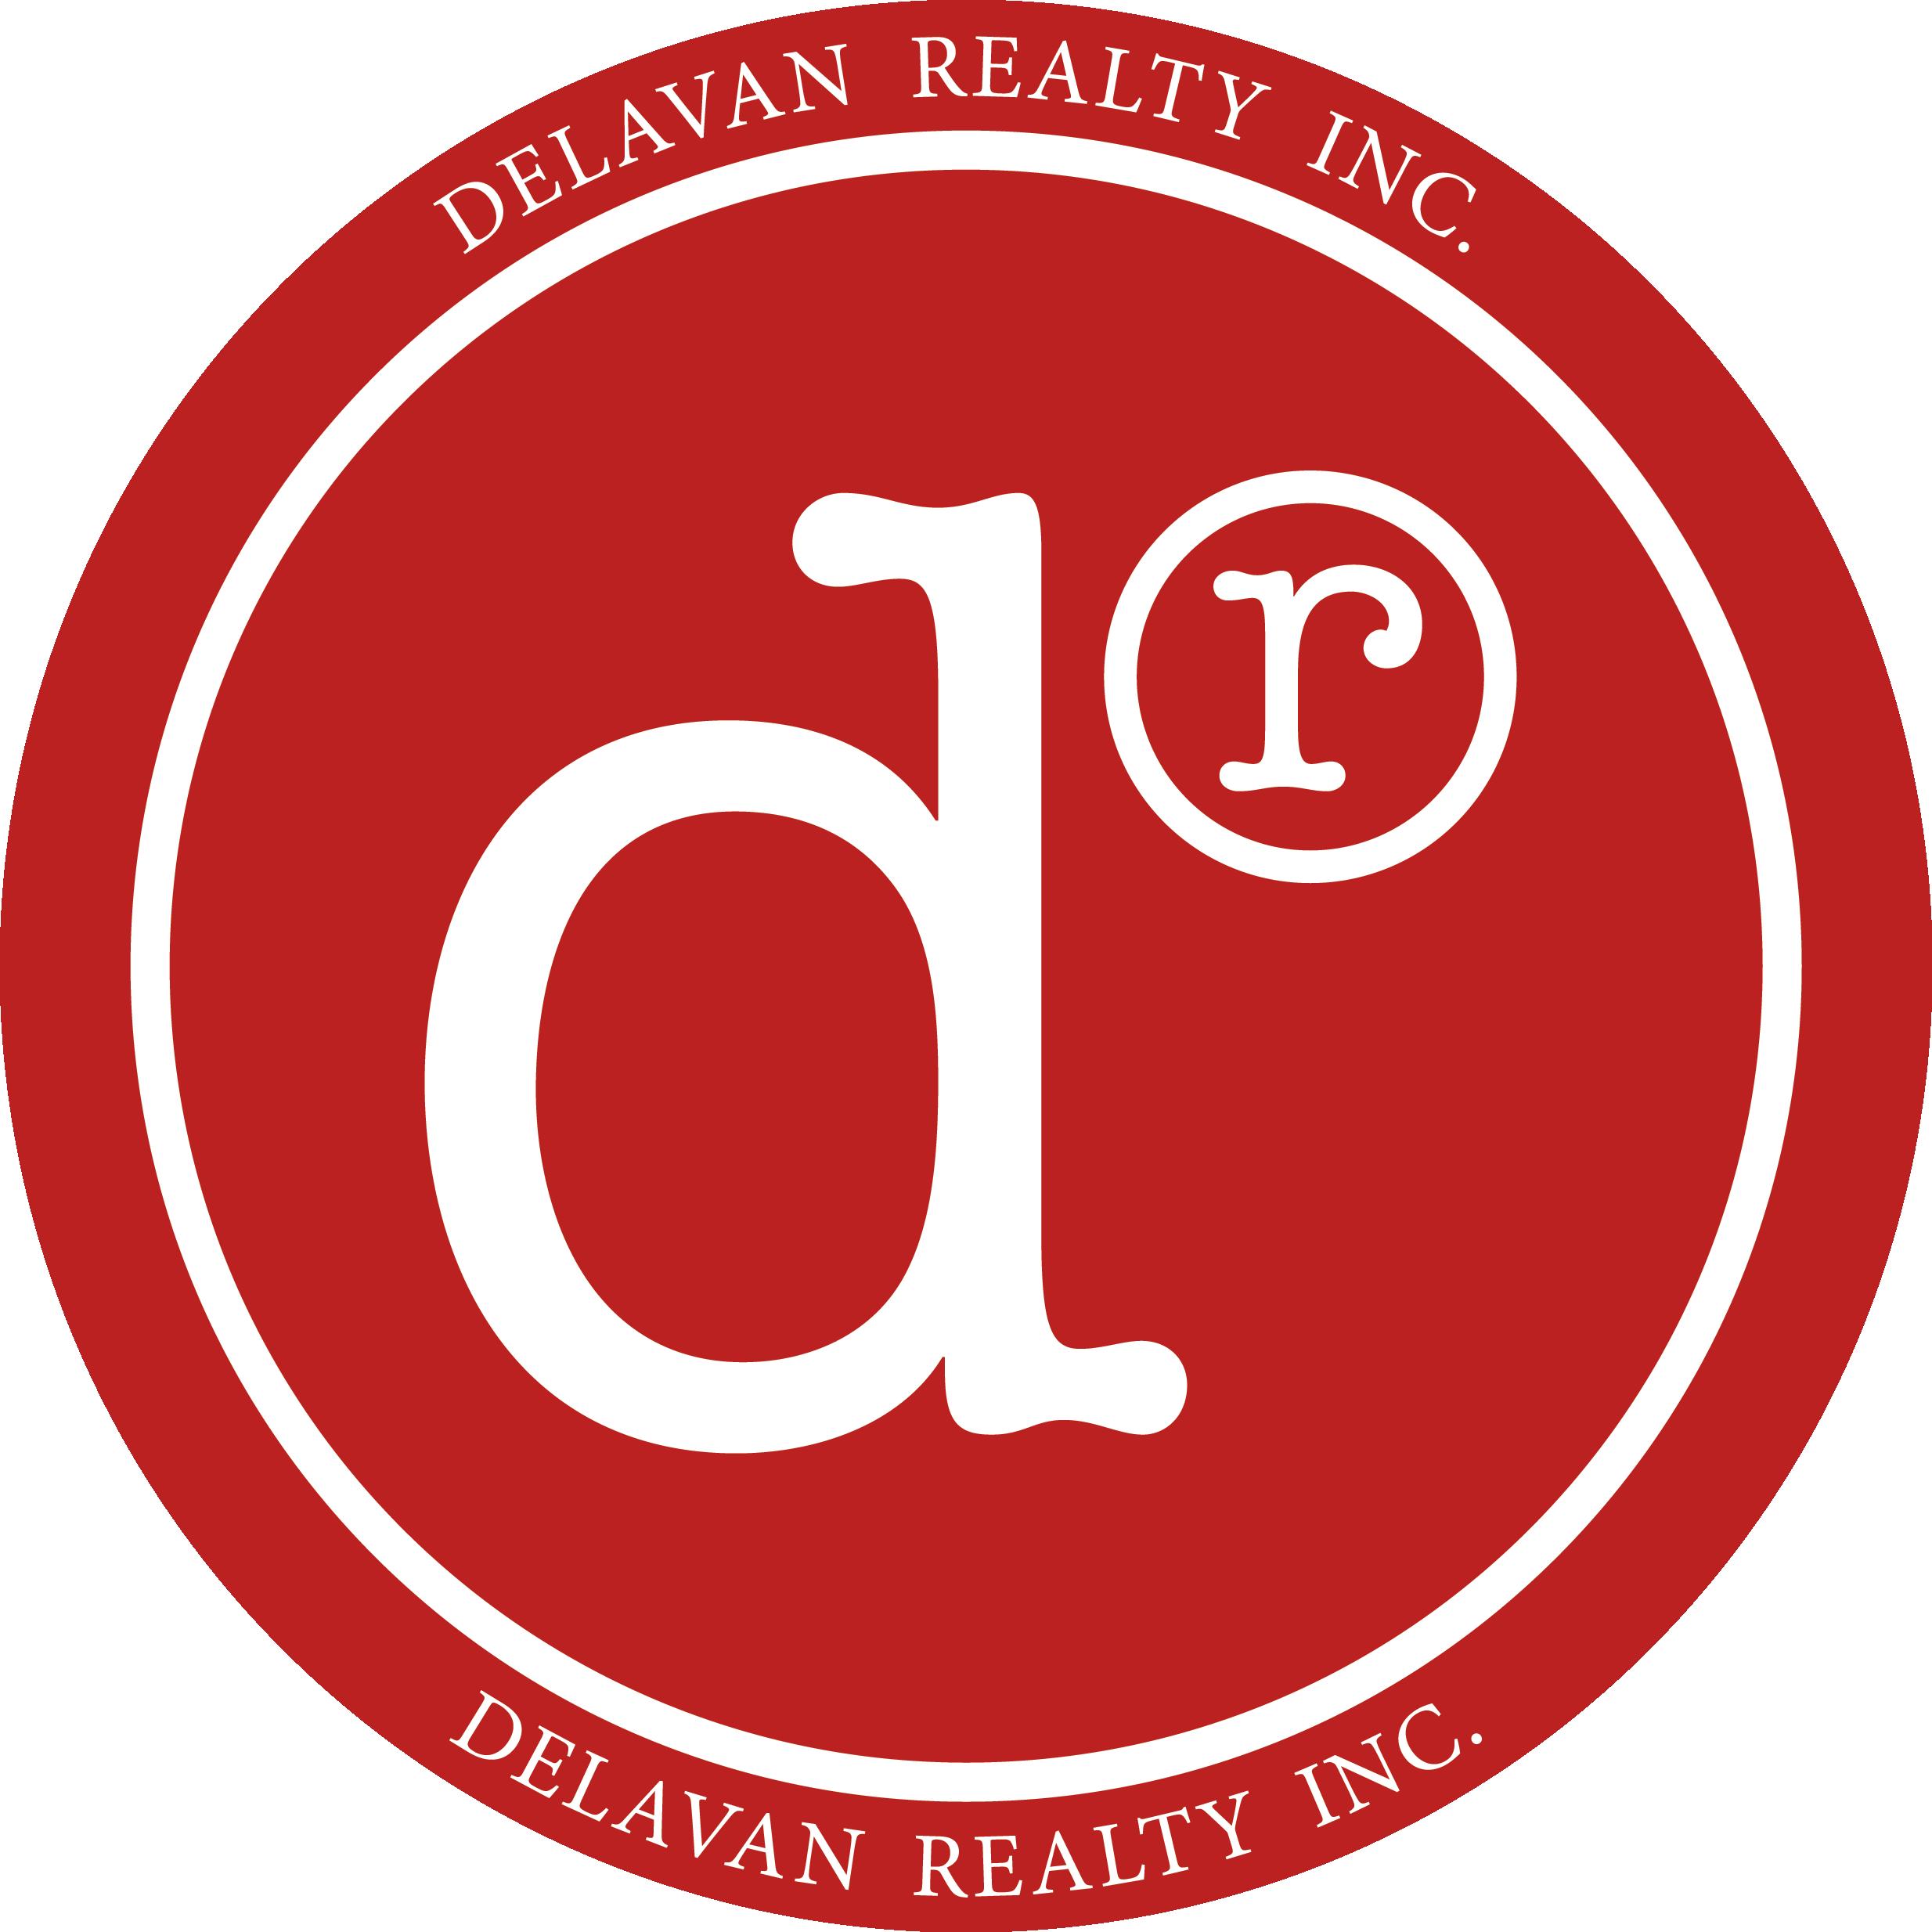 Delavan Realty Inc.